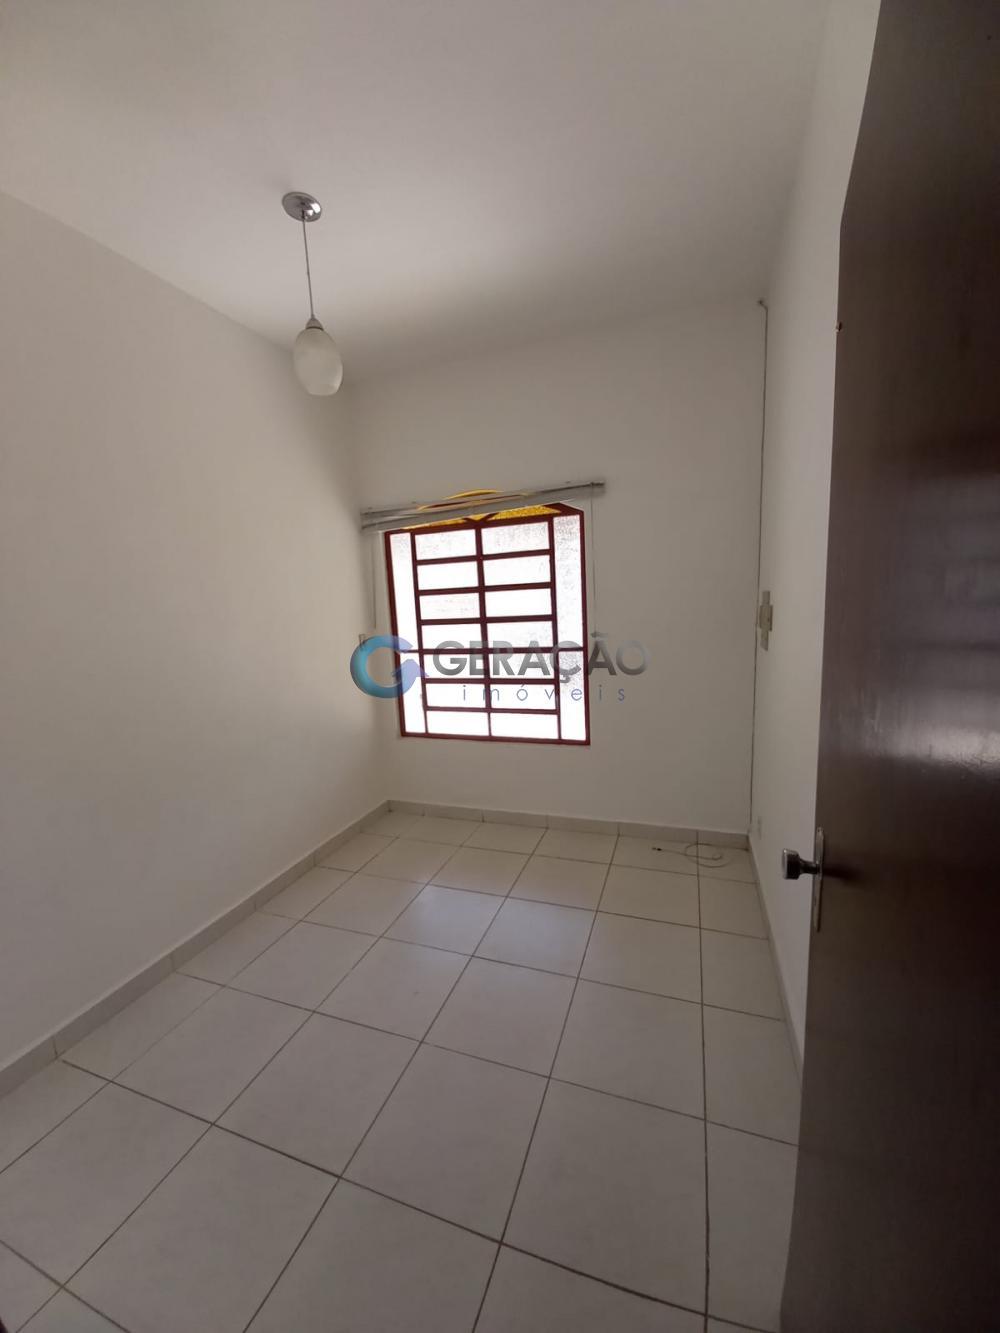 Alugar Comercial / Ponto Comercial em São José dos Campos R$ 1.400,00 - Foto 1